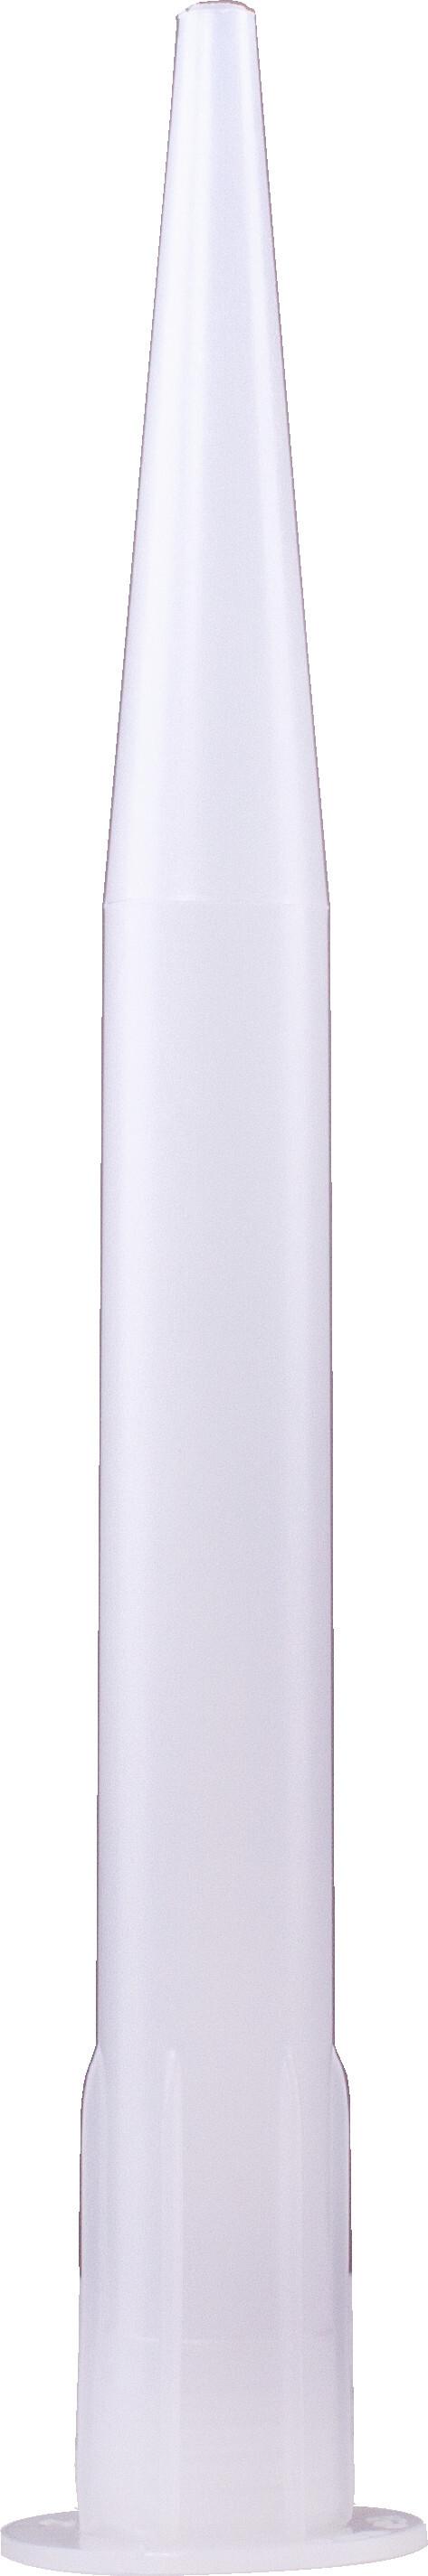 Lange nozzle